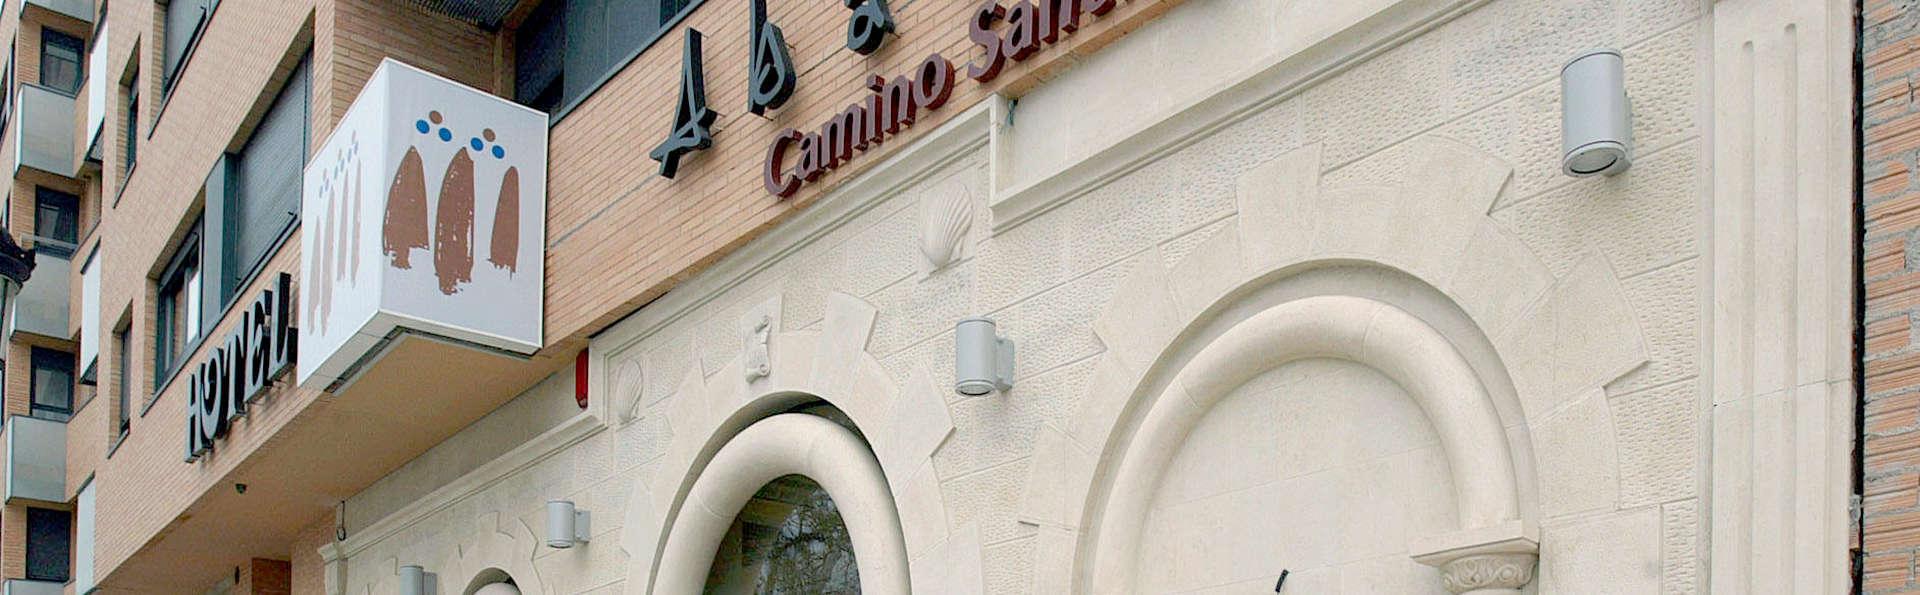 Abadía Burgos Camino Santiago - Edit_Front.jpg